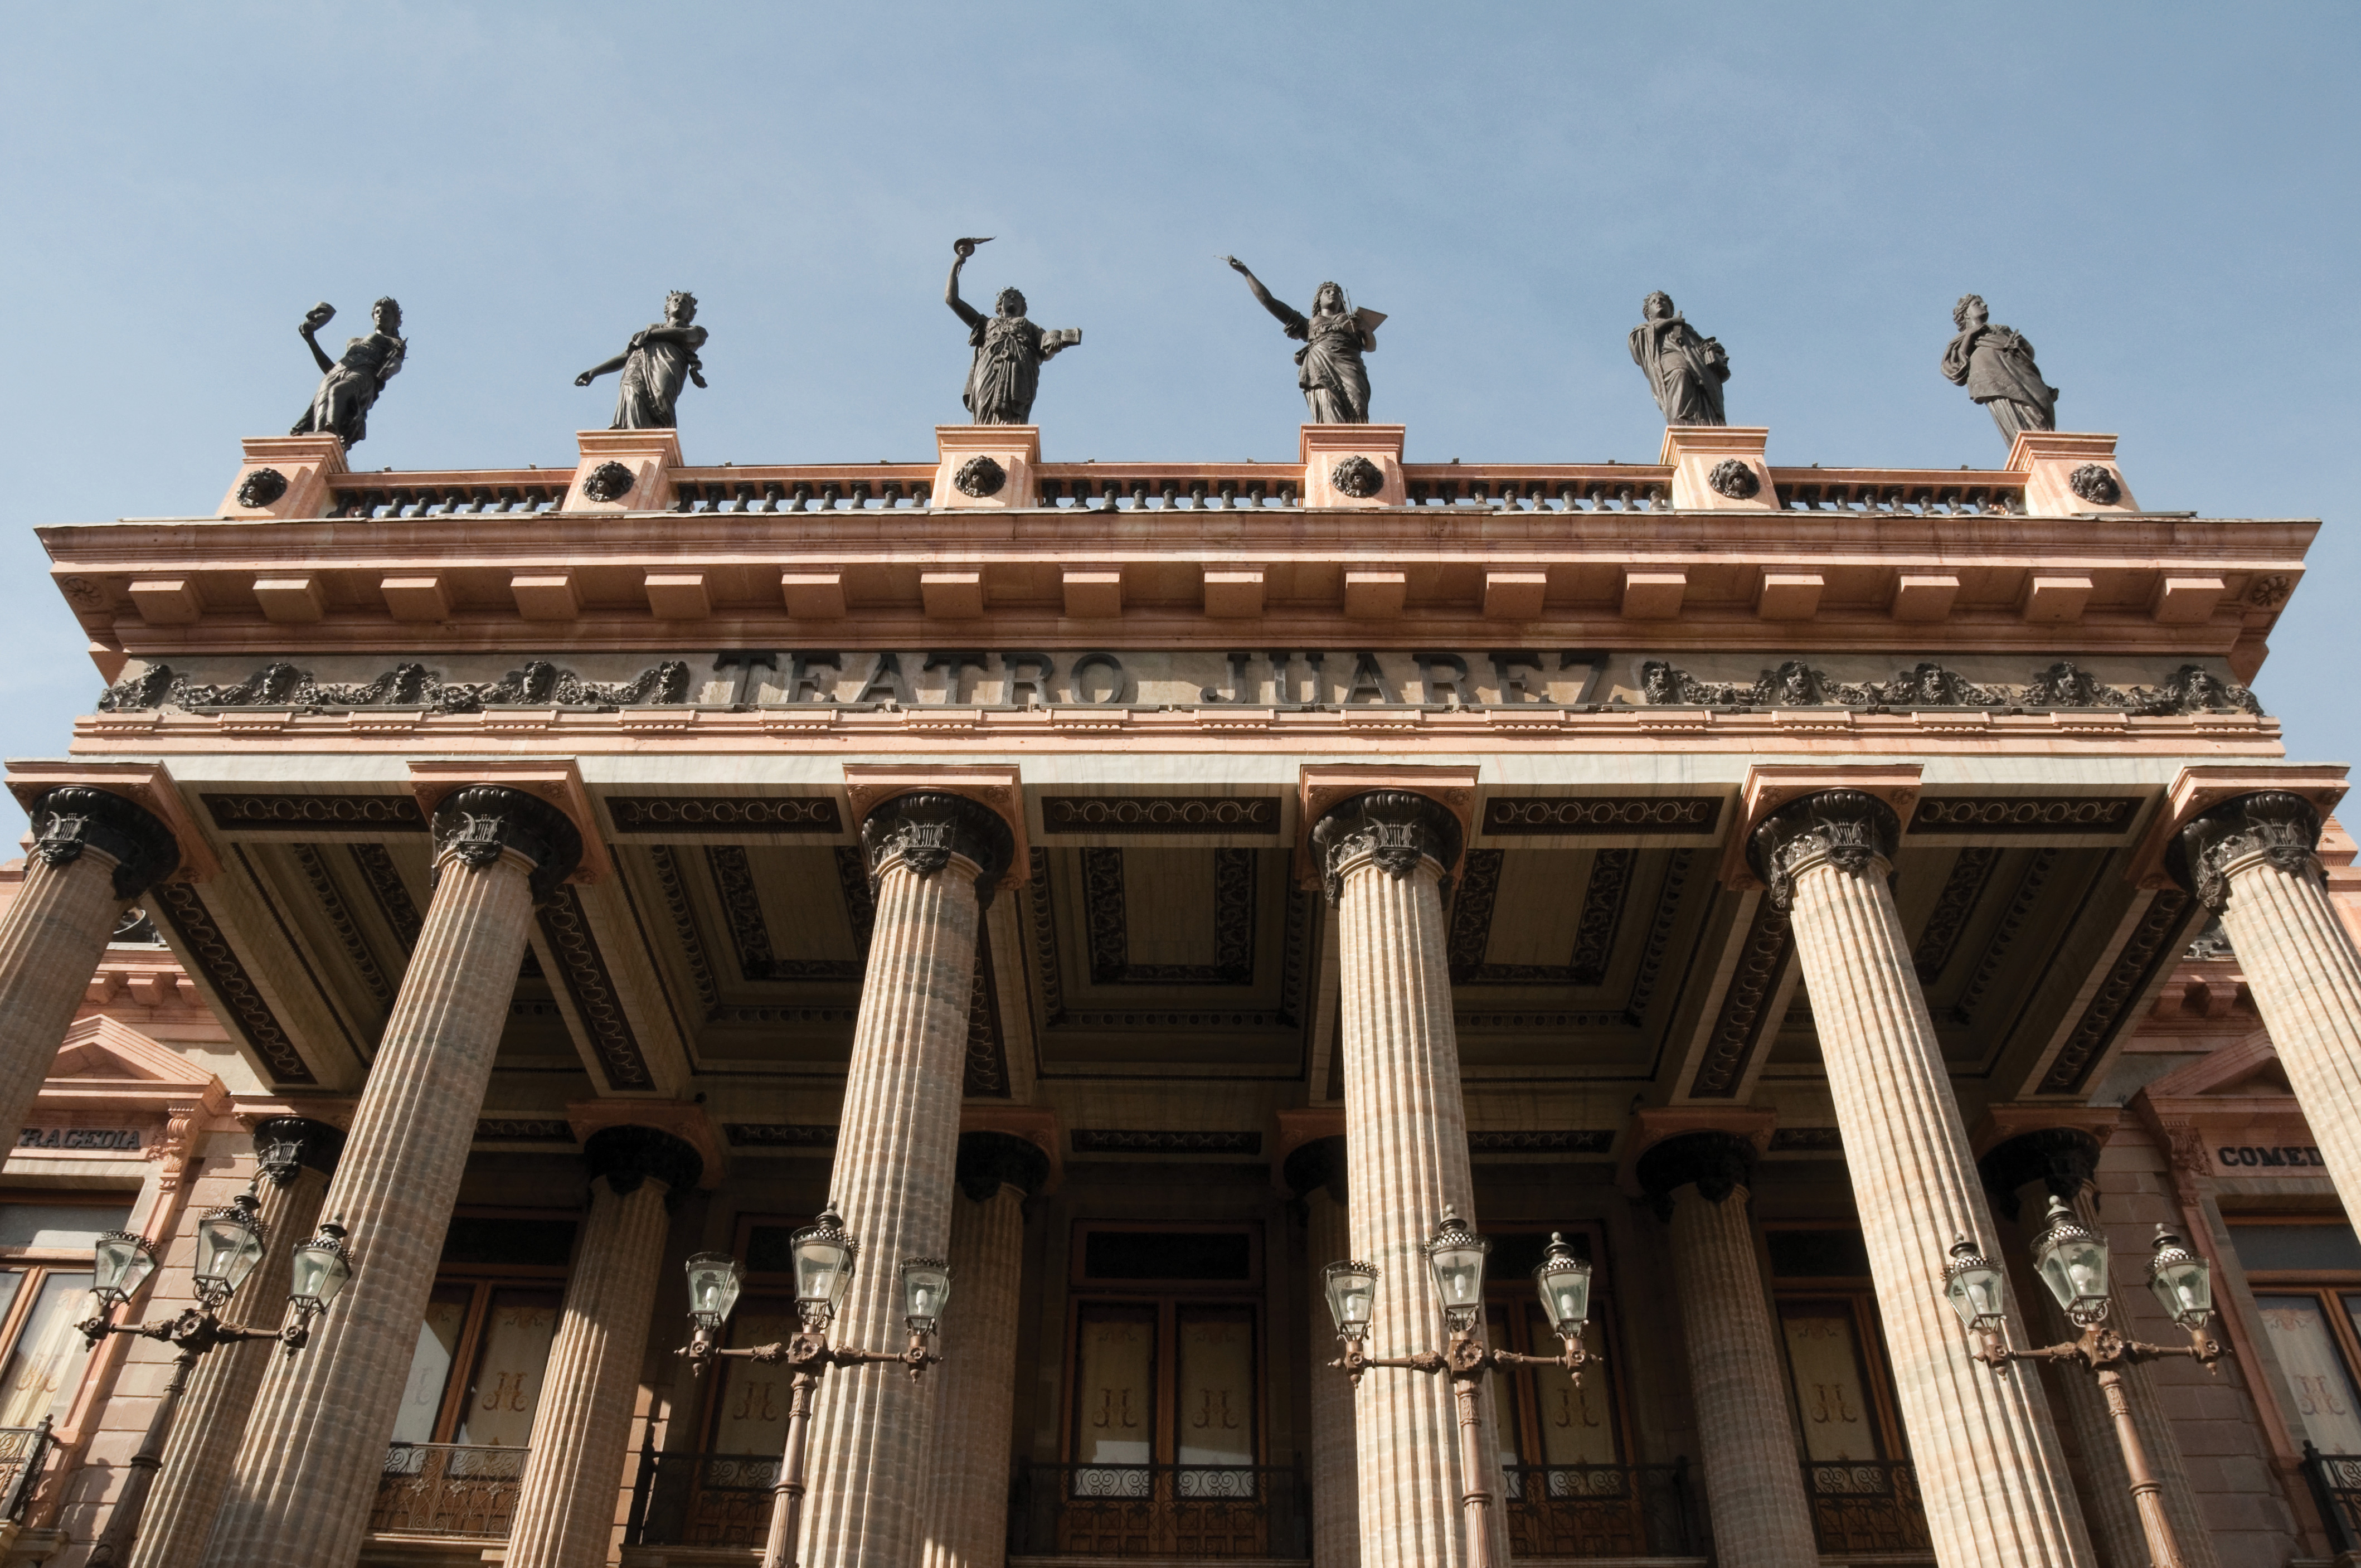 san miguel de allende mexico travel teatro juarez doric columns architecture